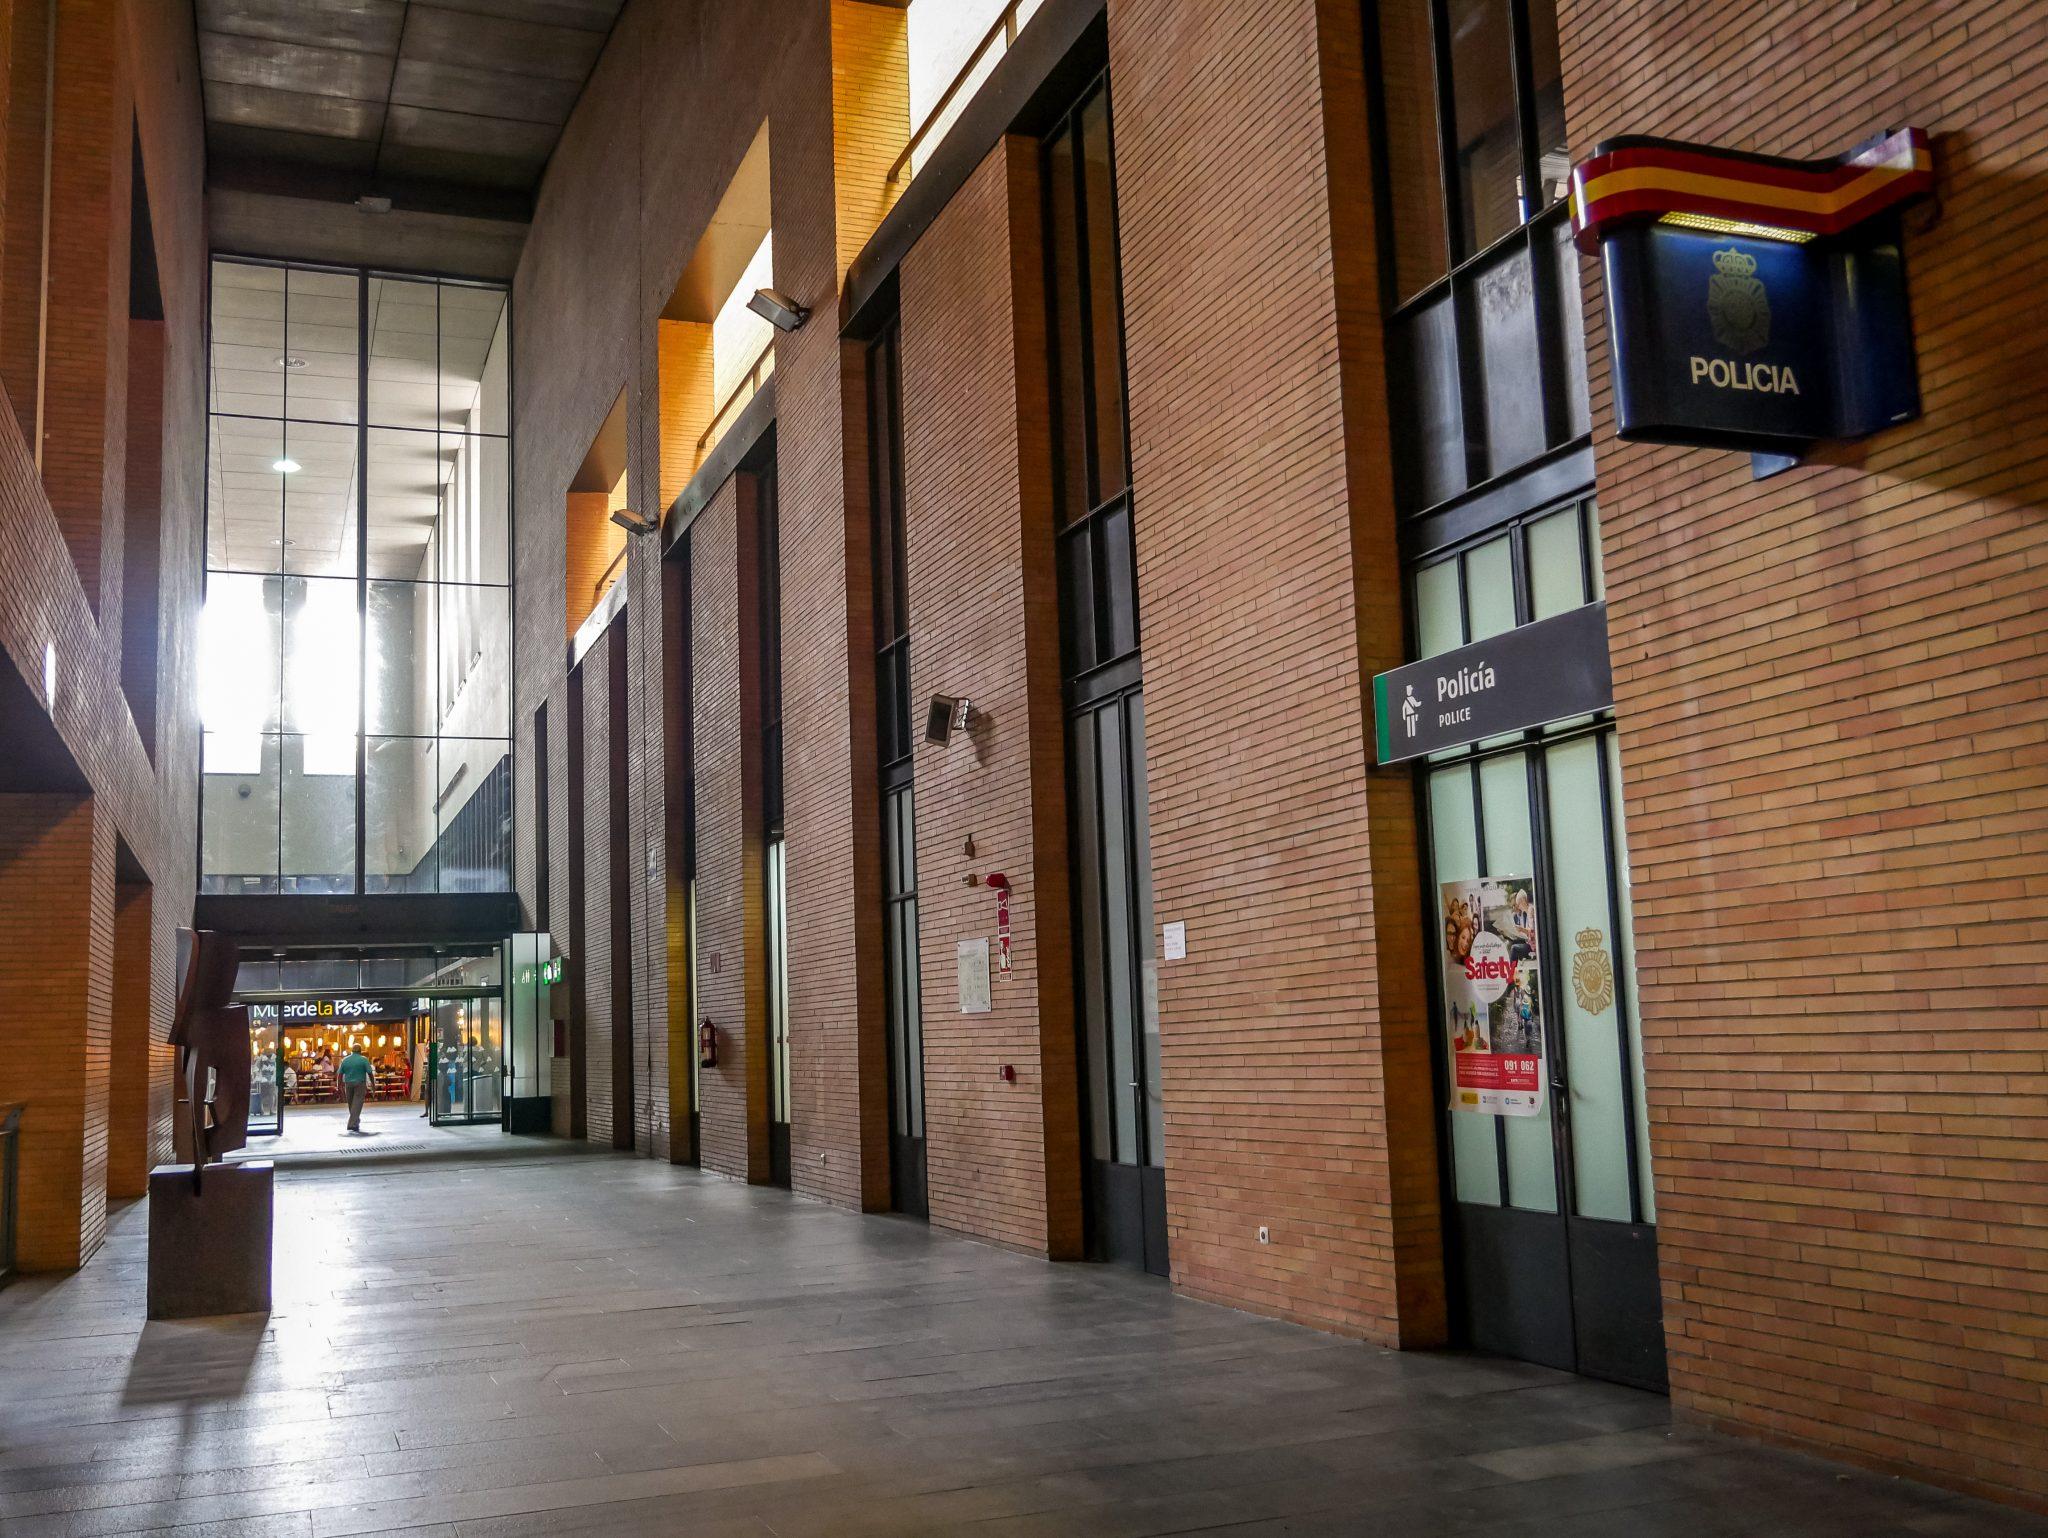 Für die Sicherheit ist am Hauptbahnhof in Sevilla ebenfalls gesorgt mit einer eigenen Polizeistation, gleich neben den Gleisen.